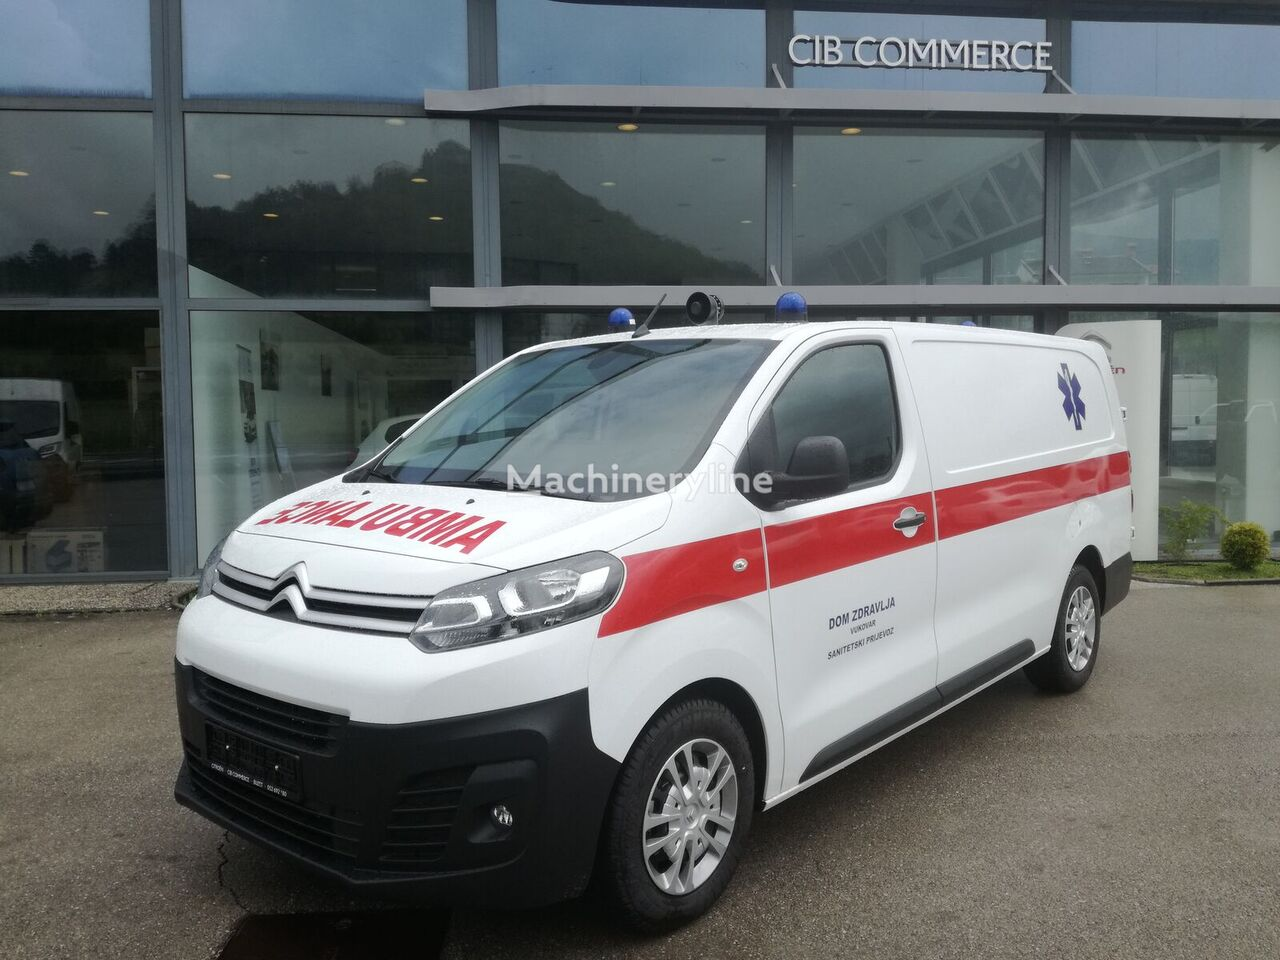 jauns CITROEN JUMPY XL 2.0 BLUE HDI mikroautobuss ātrās palīdzības mašīna